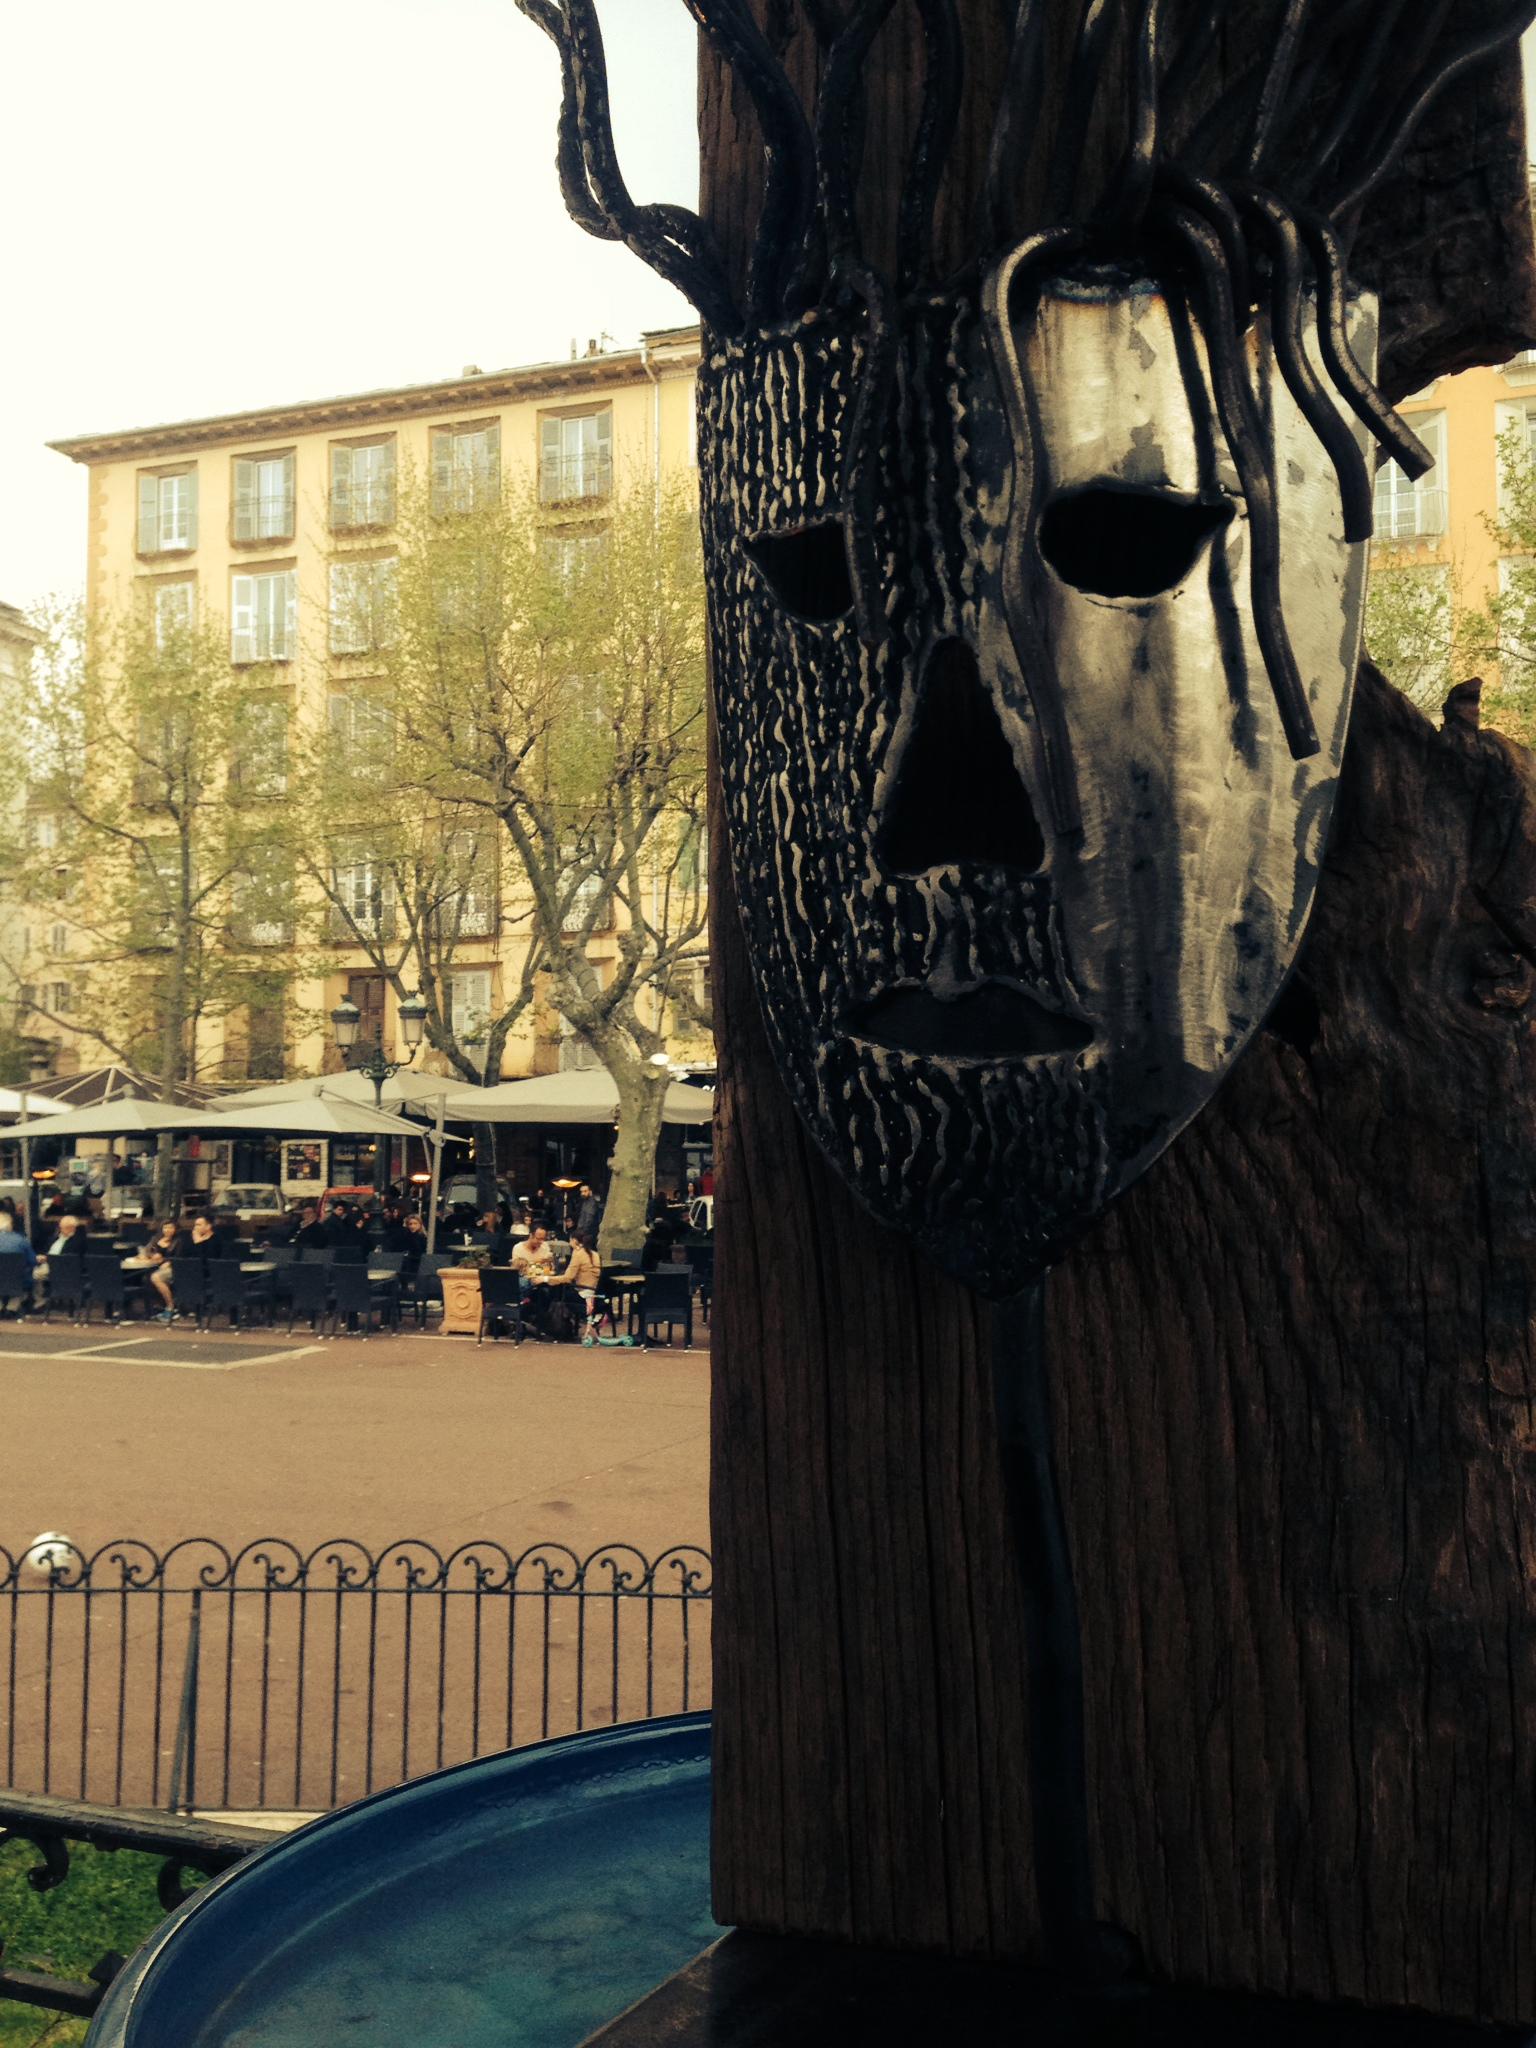 La lampe de Ludovic Chiaramonti, crée à partir de matériaux recyclés, exposée au kiosque de Bastia